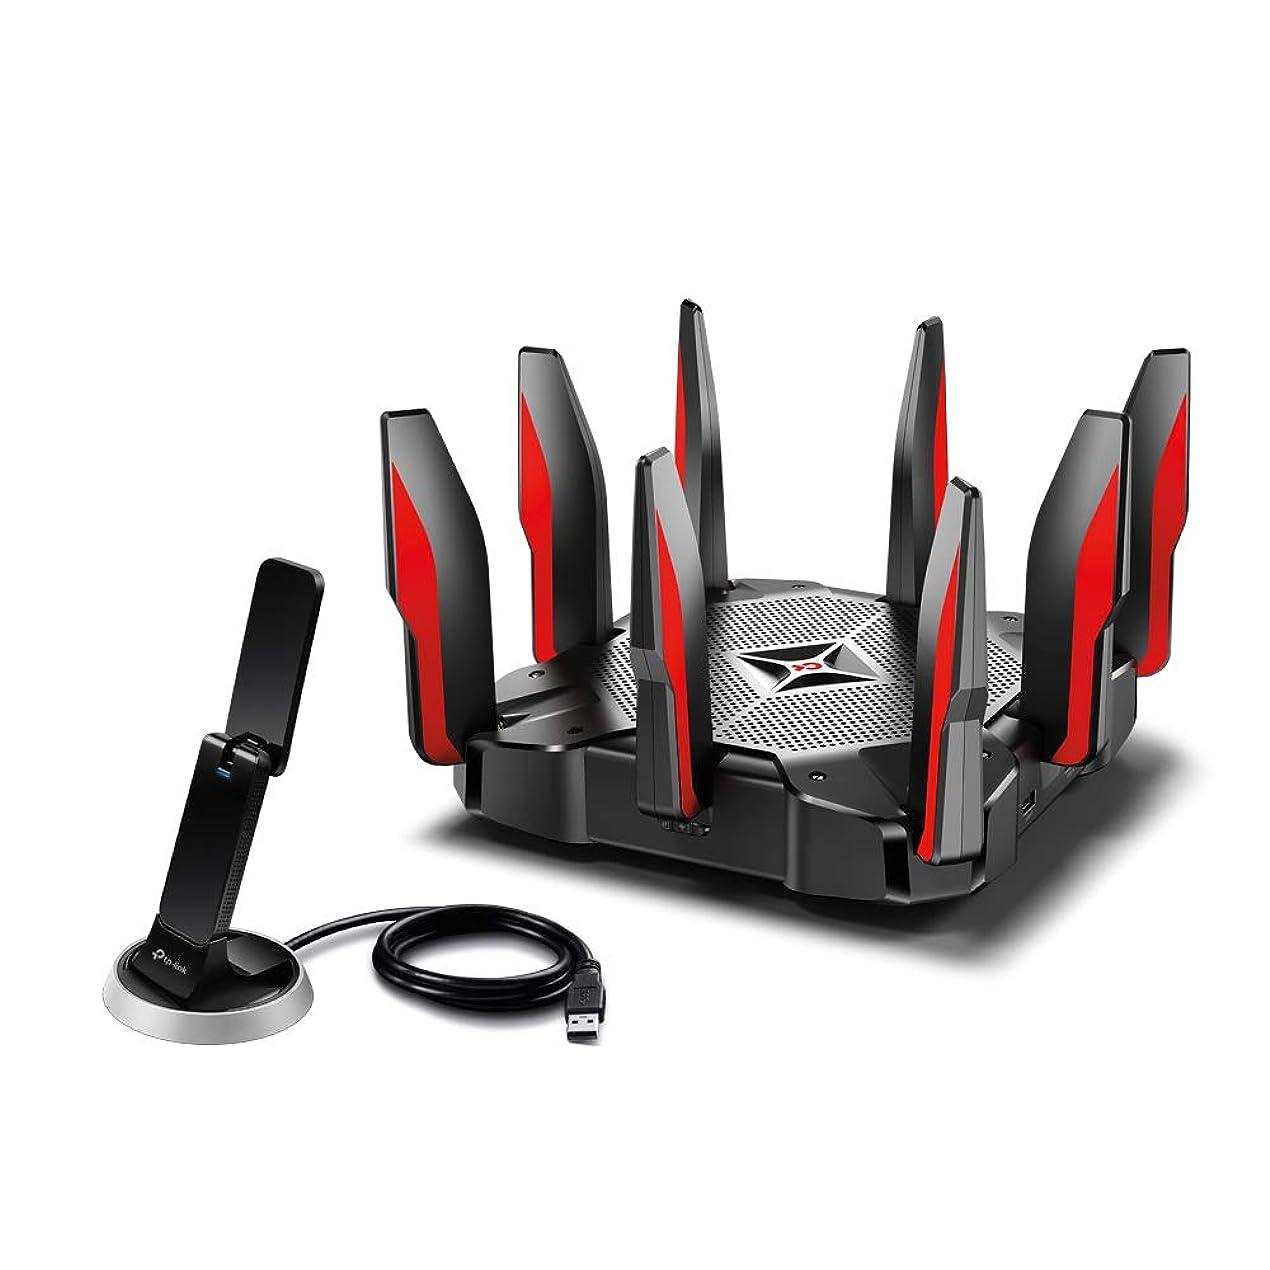 マーベル出演者コンパスTP-Link WiFi ルーター ゲーミング 無線LAN  MU-MIMO 2167 + 2167 + 1000 Mbps 3年保証 Archer C5400X +  無線LAN 子機 USB3.0 1300+600Mbps クレードル付き 3年保証 Archer T9UH